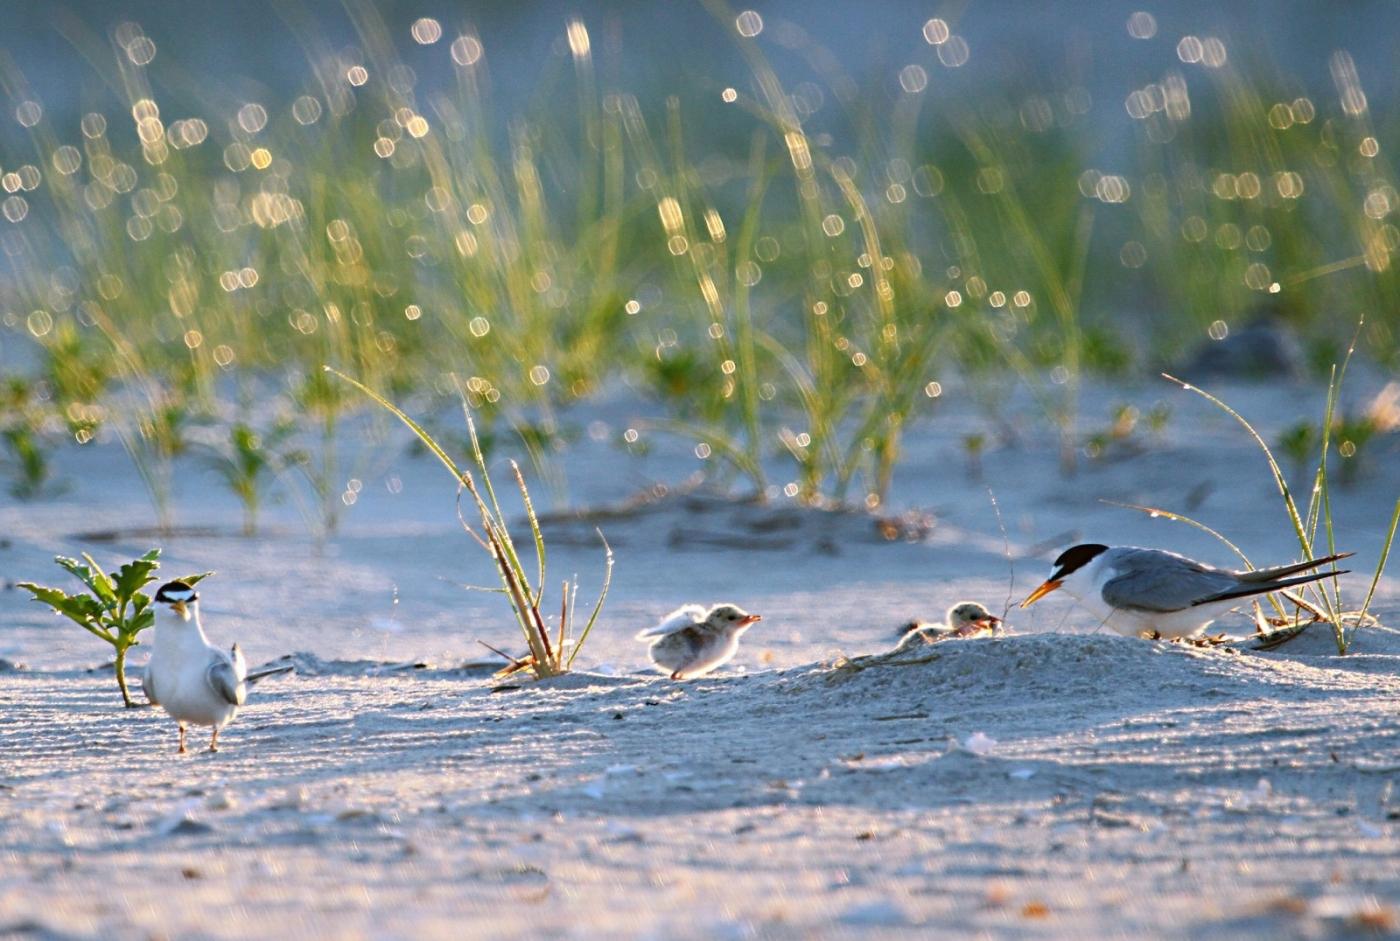 【田螺摄影】黄嘴燕鸥整个出生成长的过程_图1-25